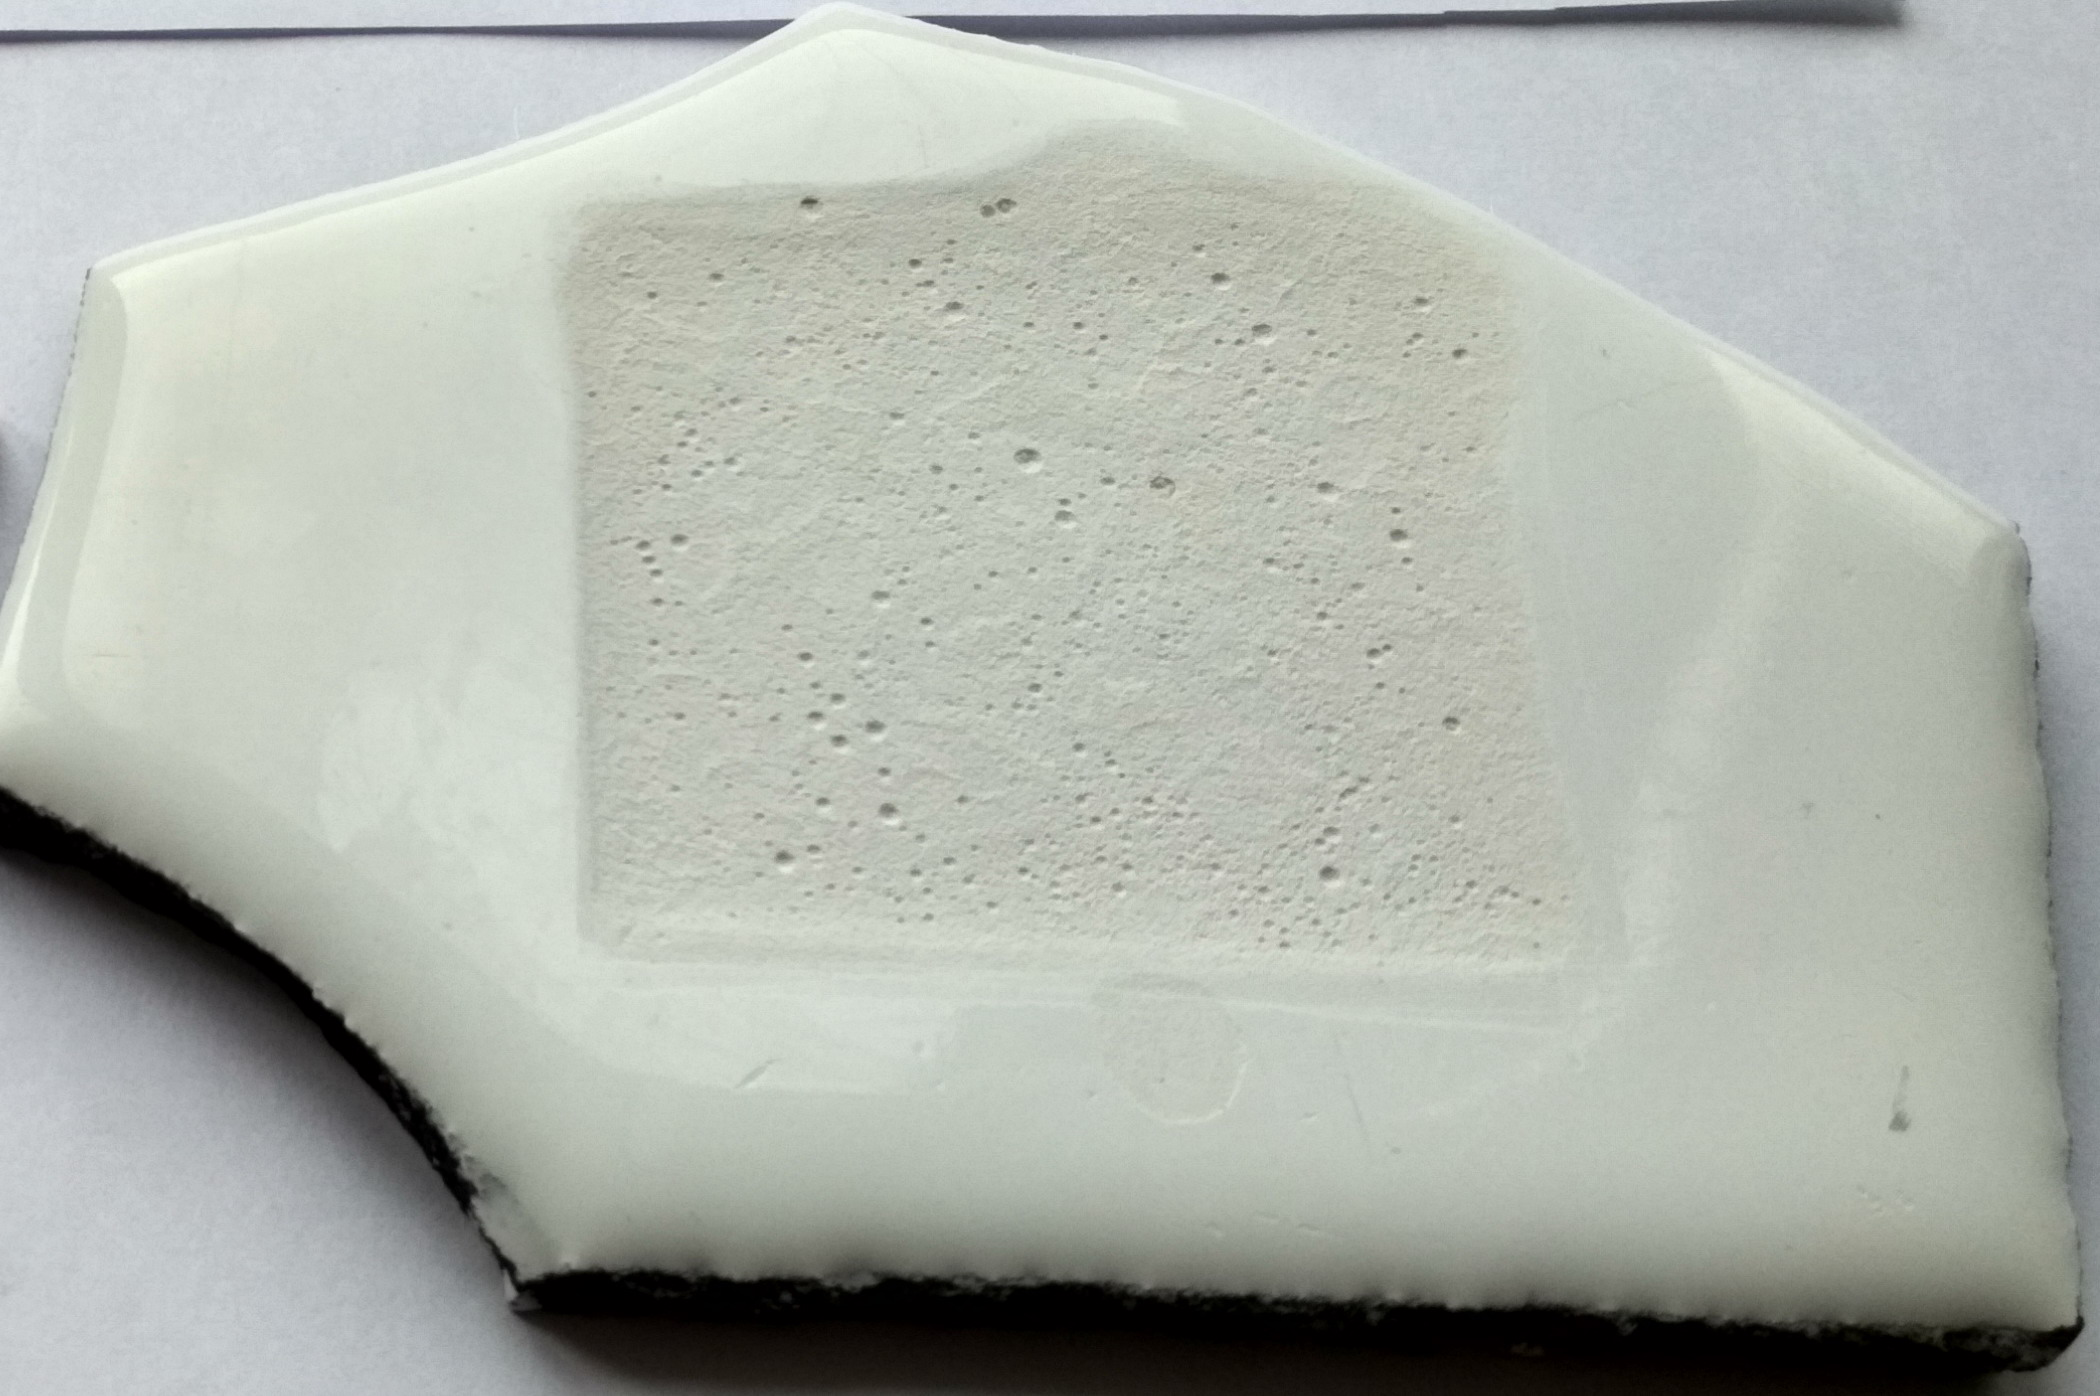 Результат воздействия на эмаль лимонной кислоты (30 дней), опыт, чугунная пластинка, Завод Универсал